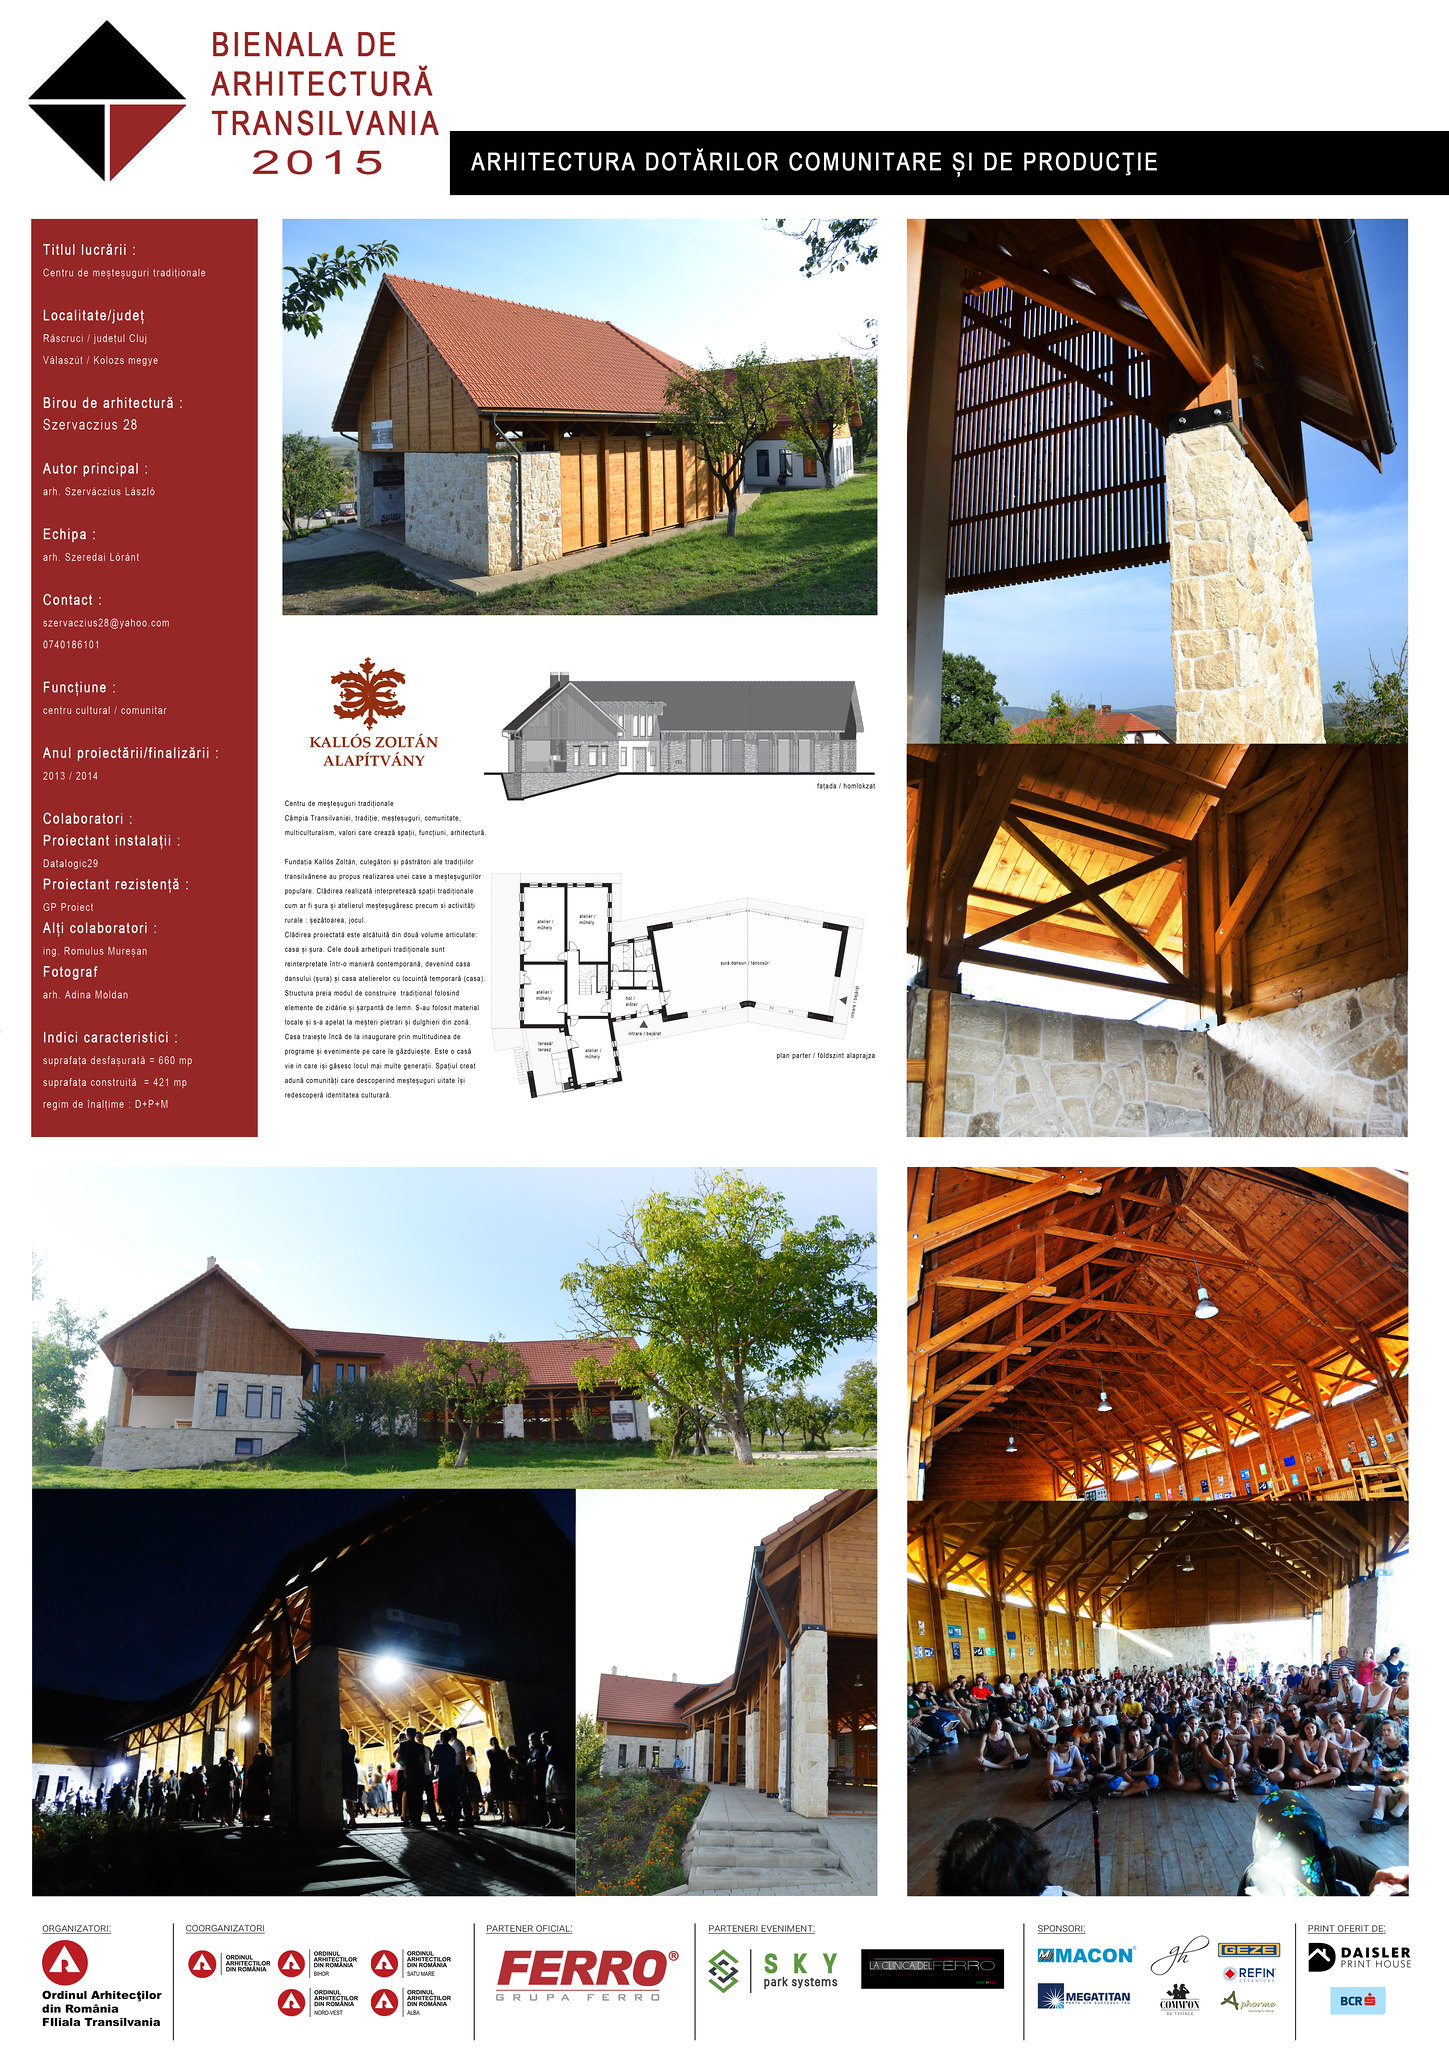 Arhitectura dotărilor comunitare și de producţie